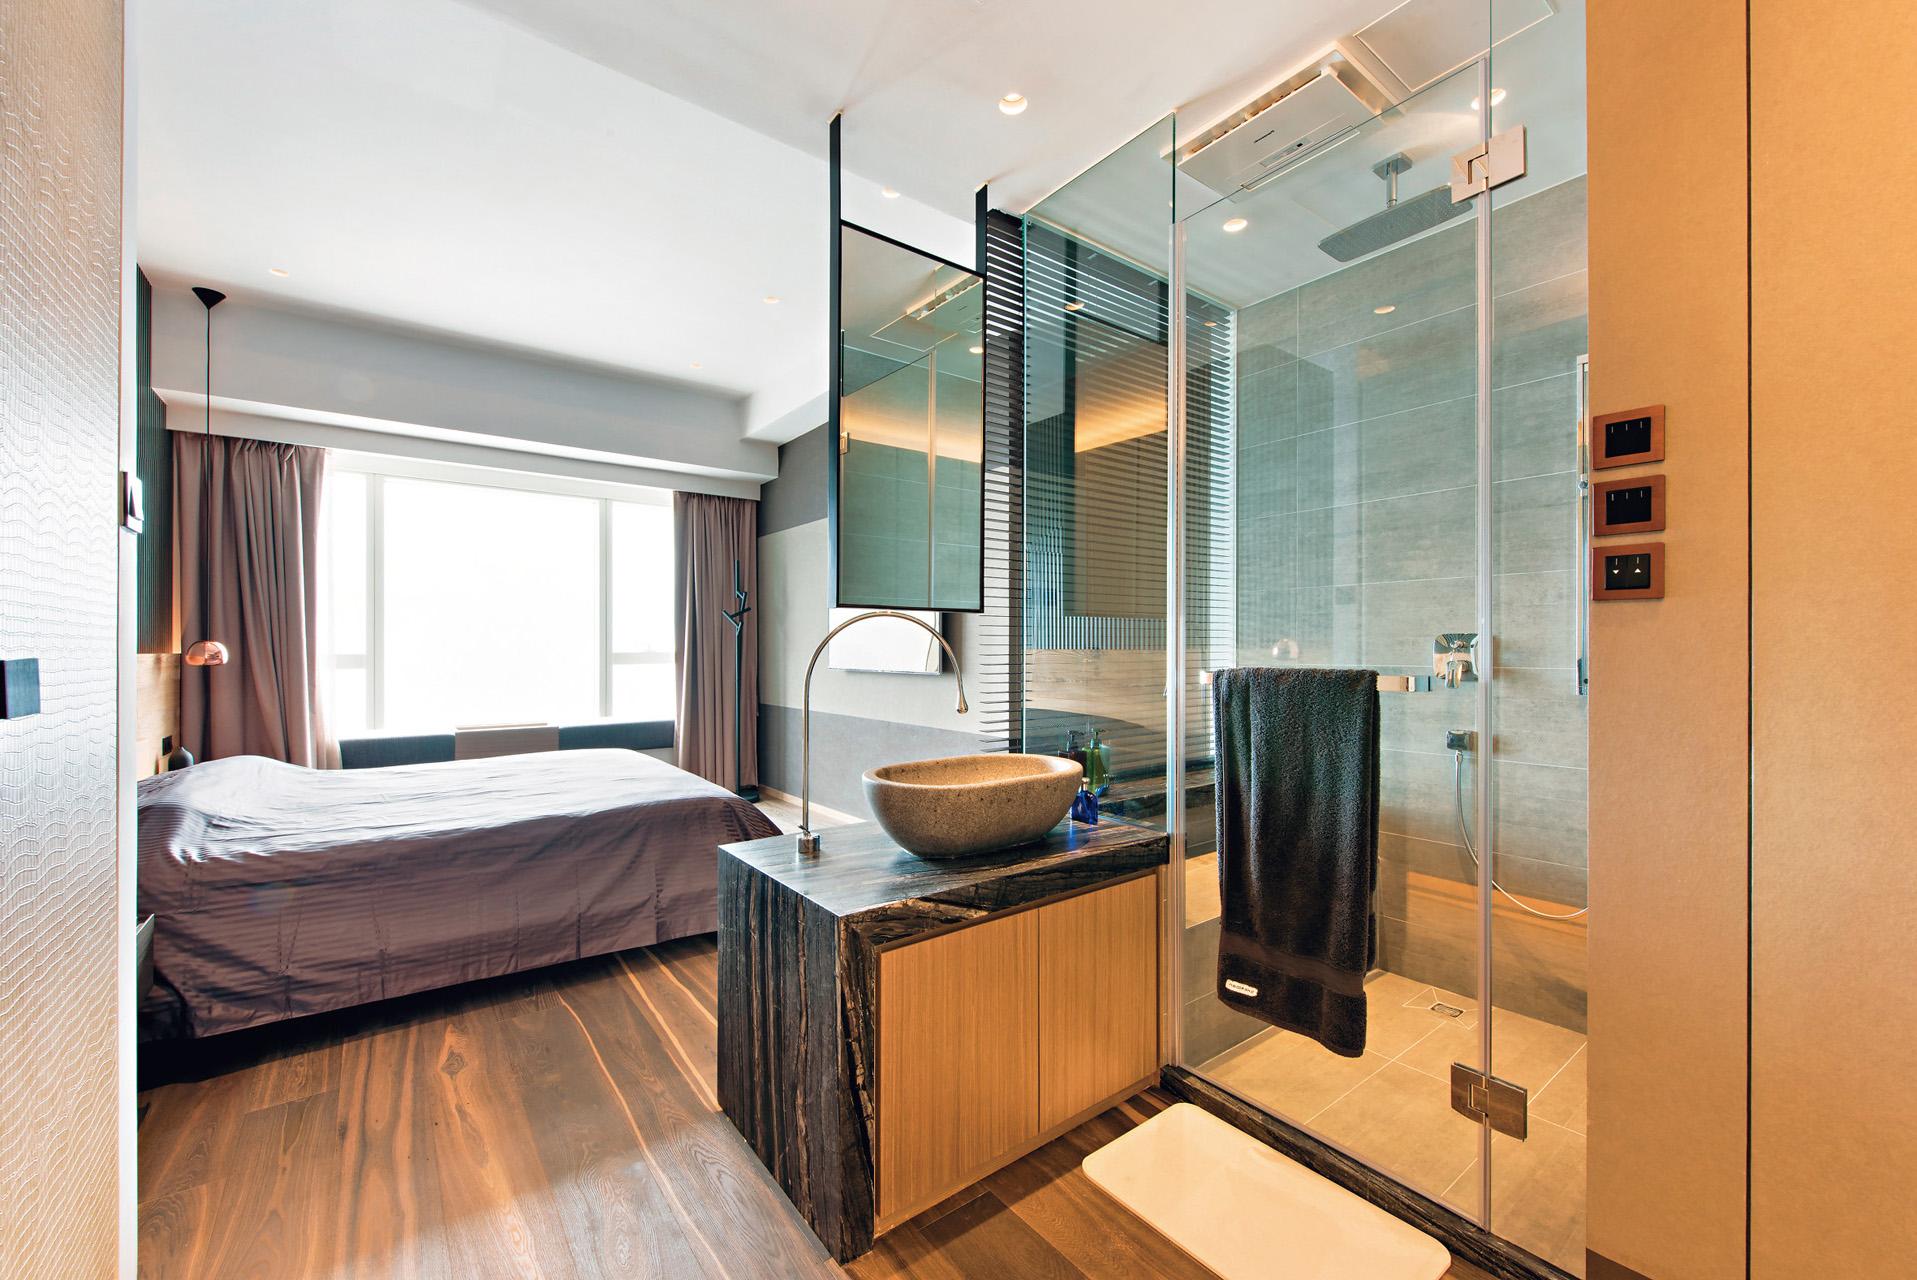 158㎡现代风格卧室卫生间装修效果图